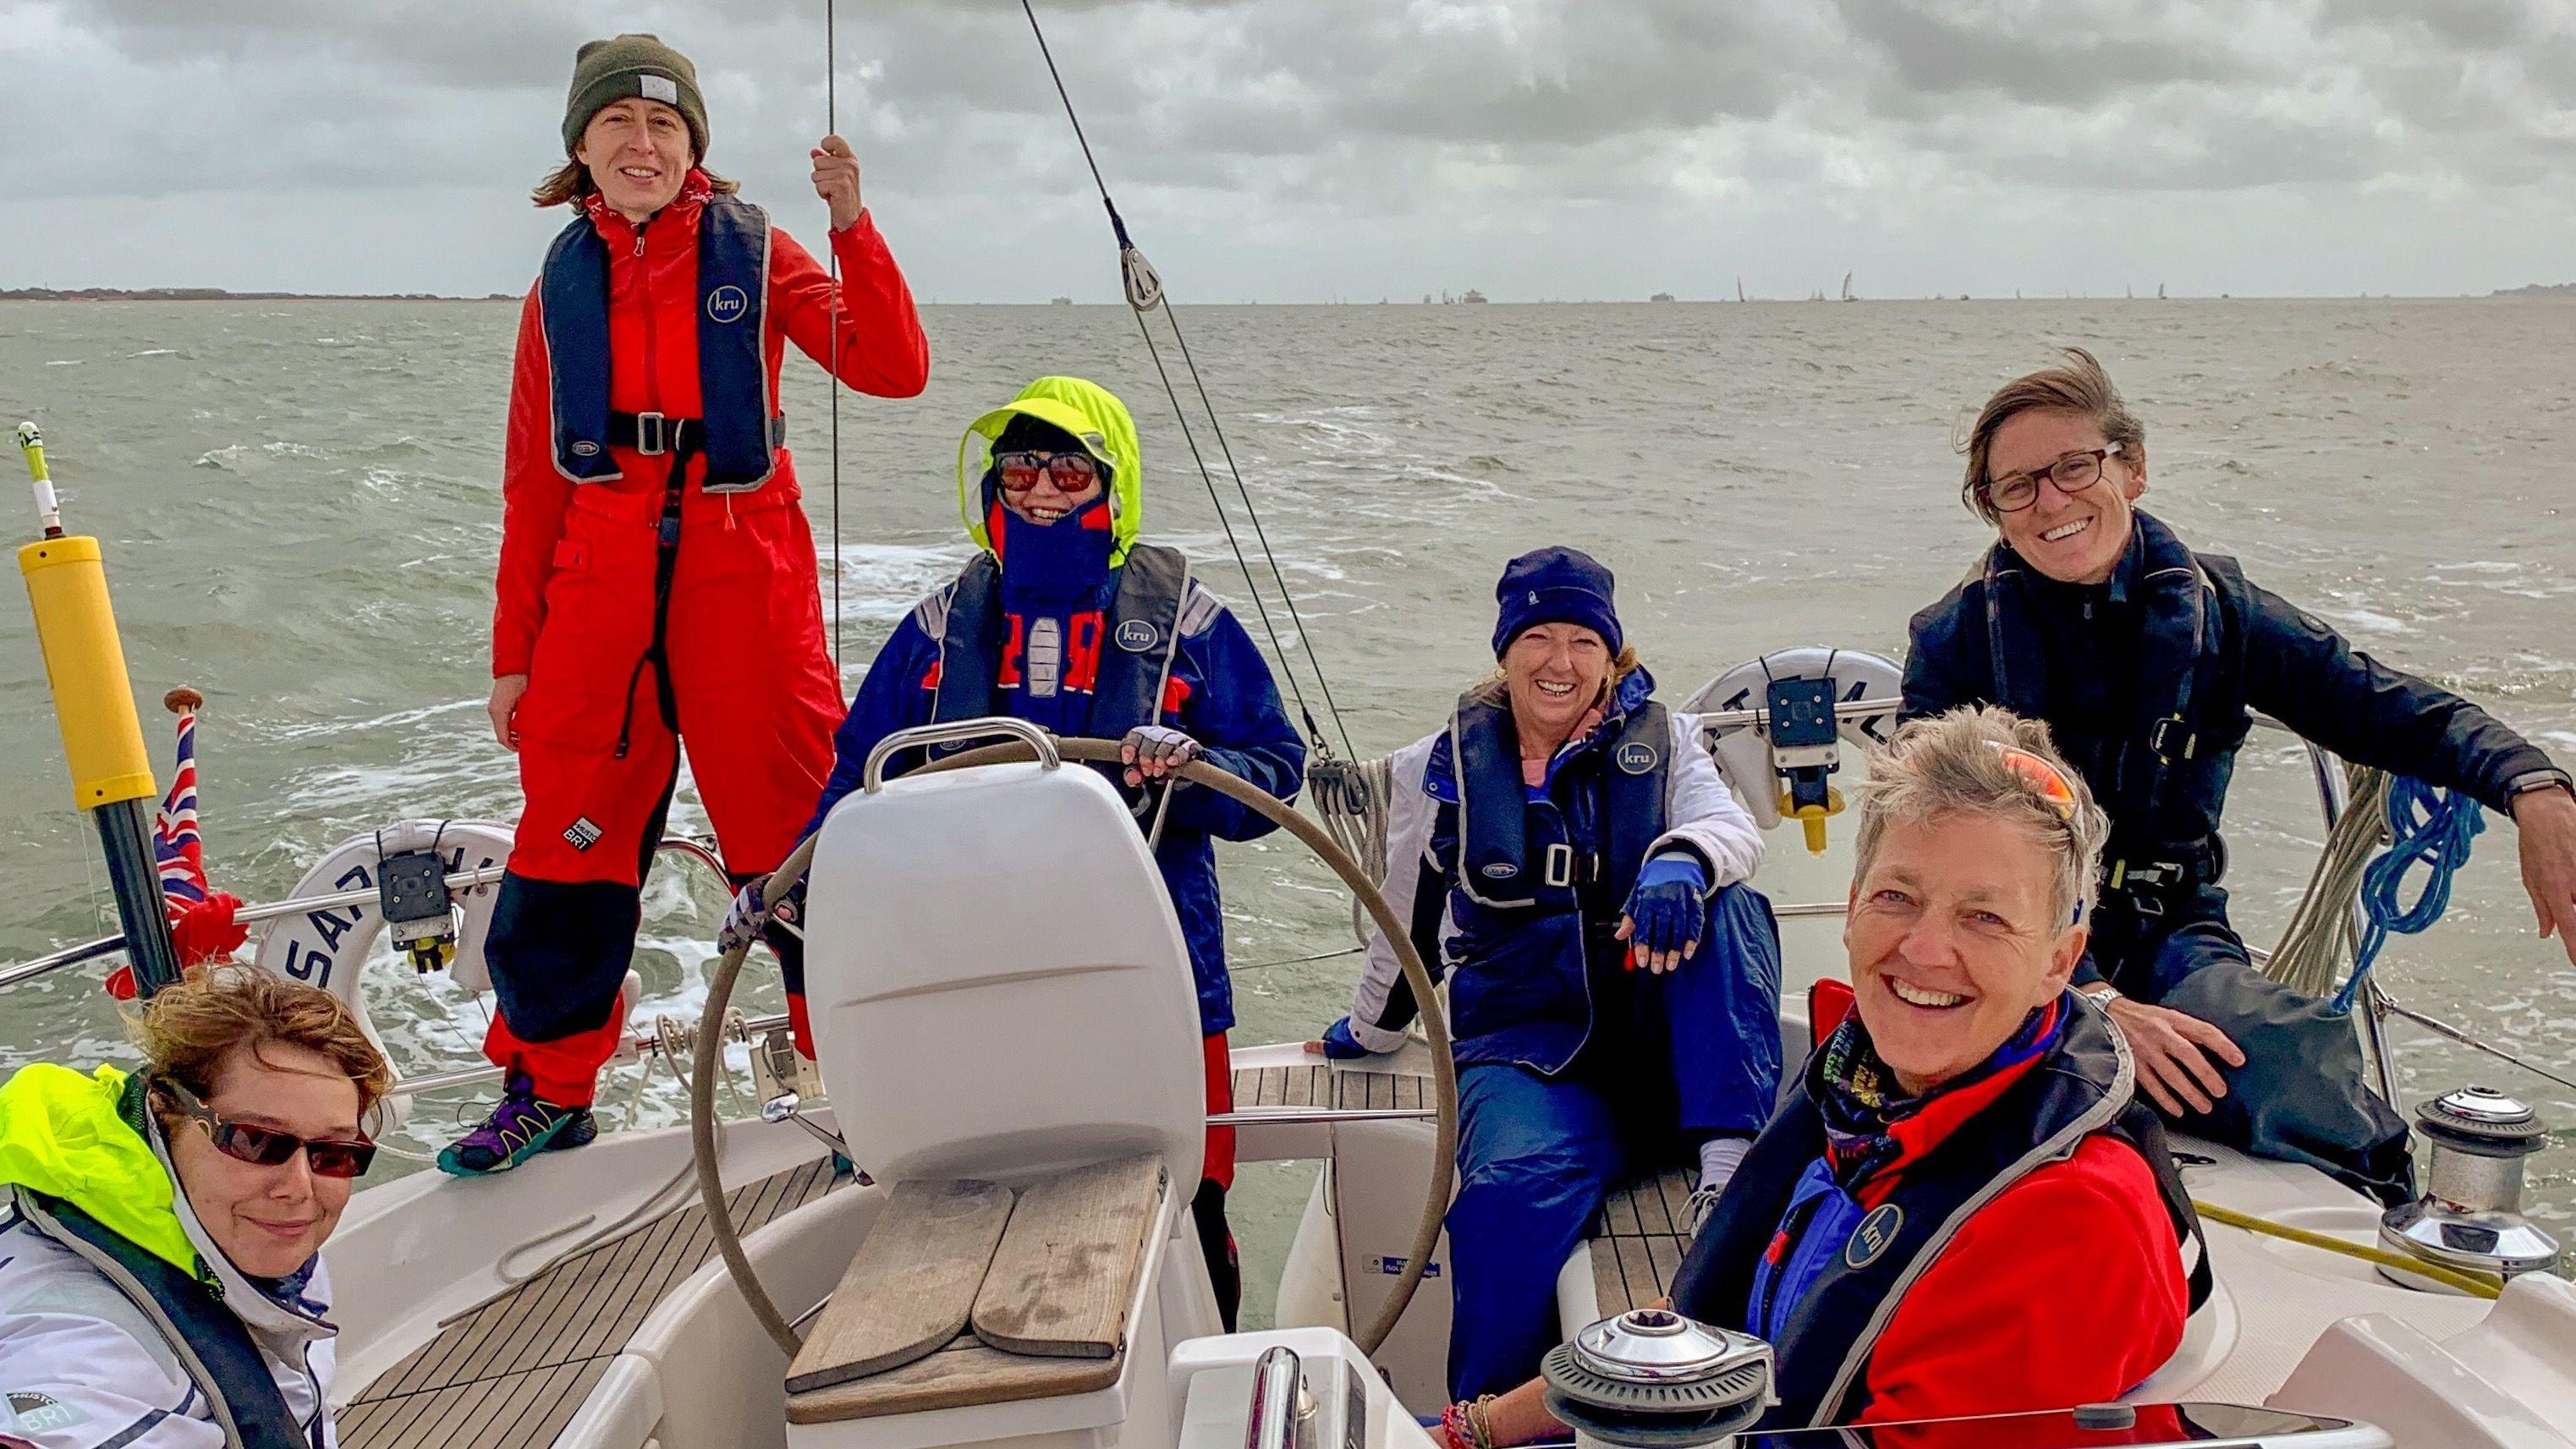 SheSails Women's Sailing Meetup (Solent Area)